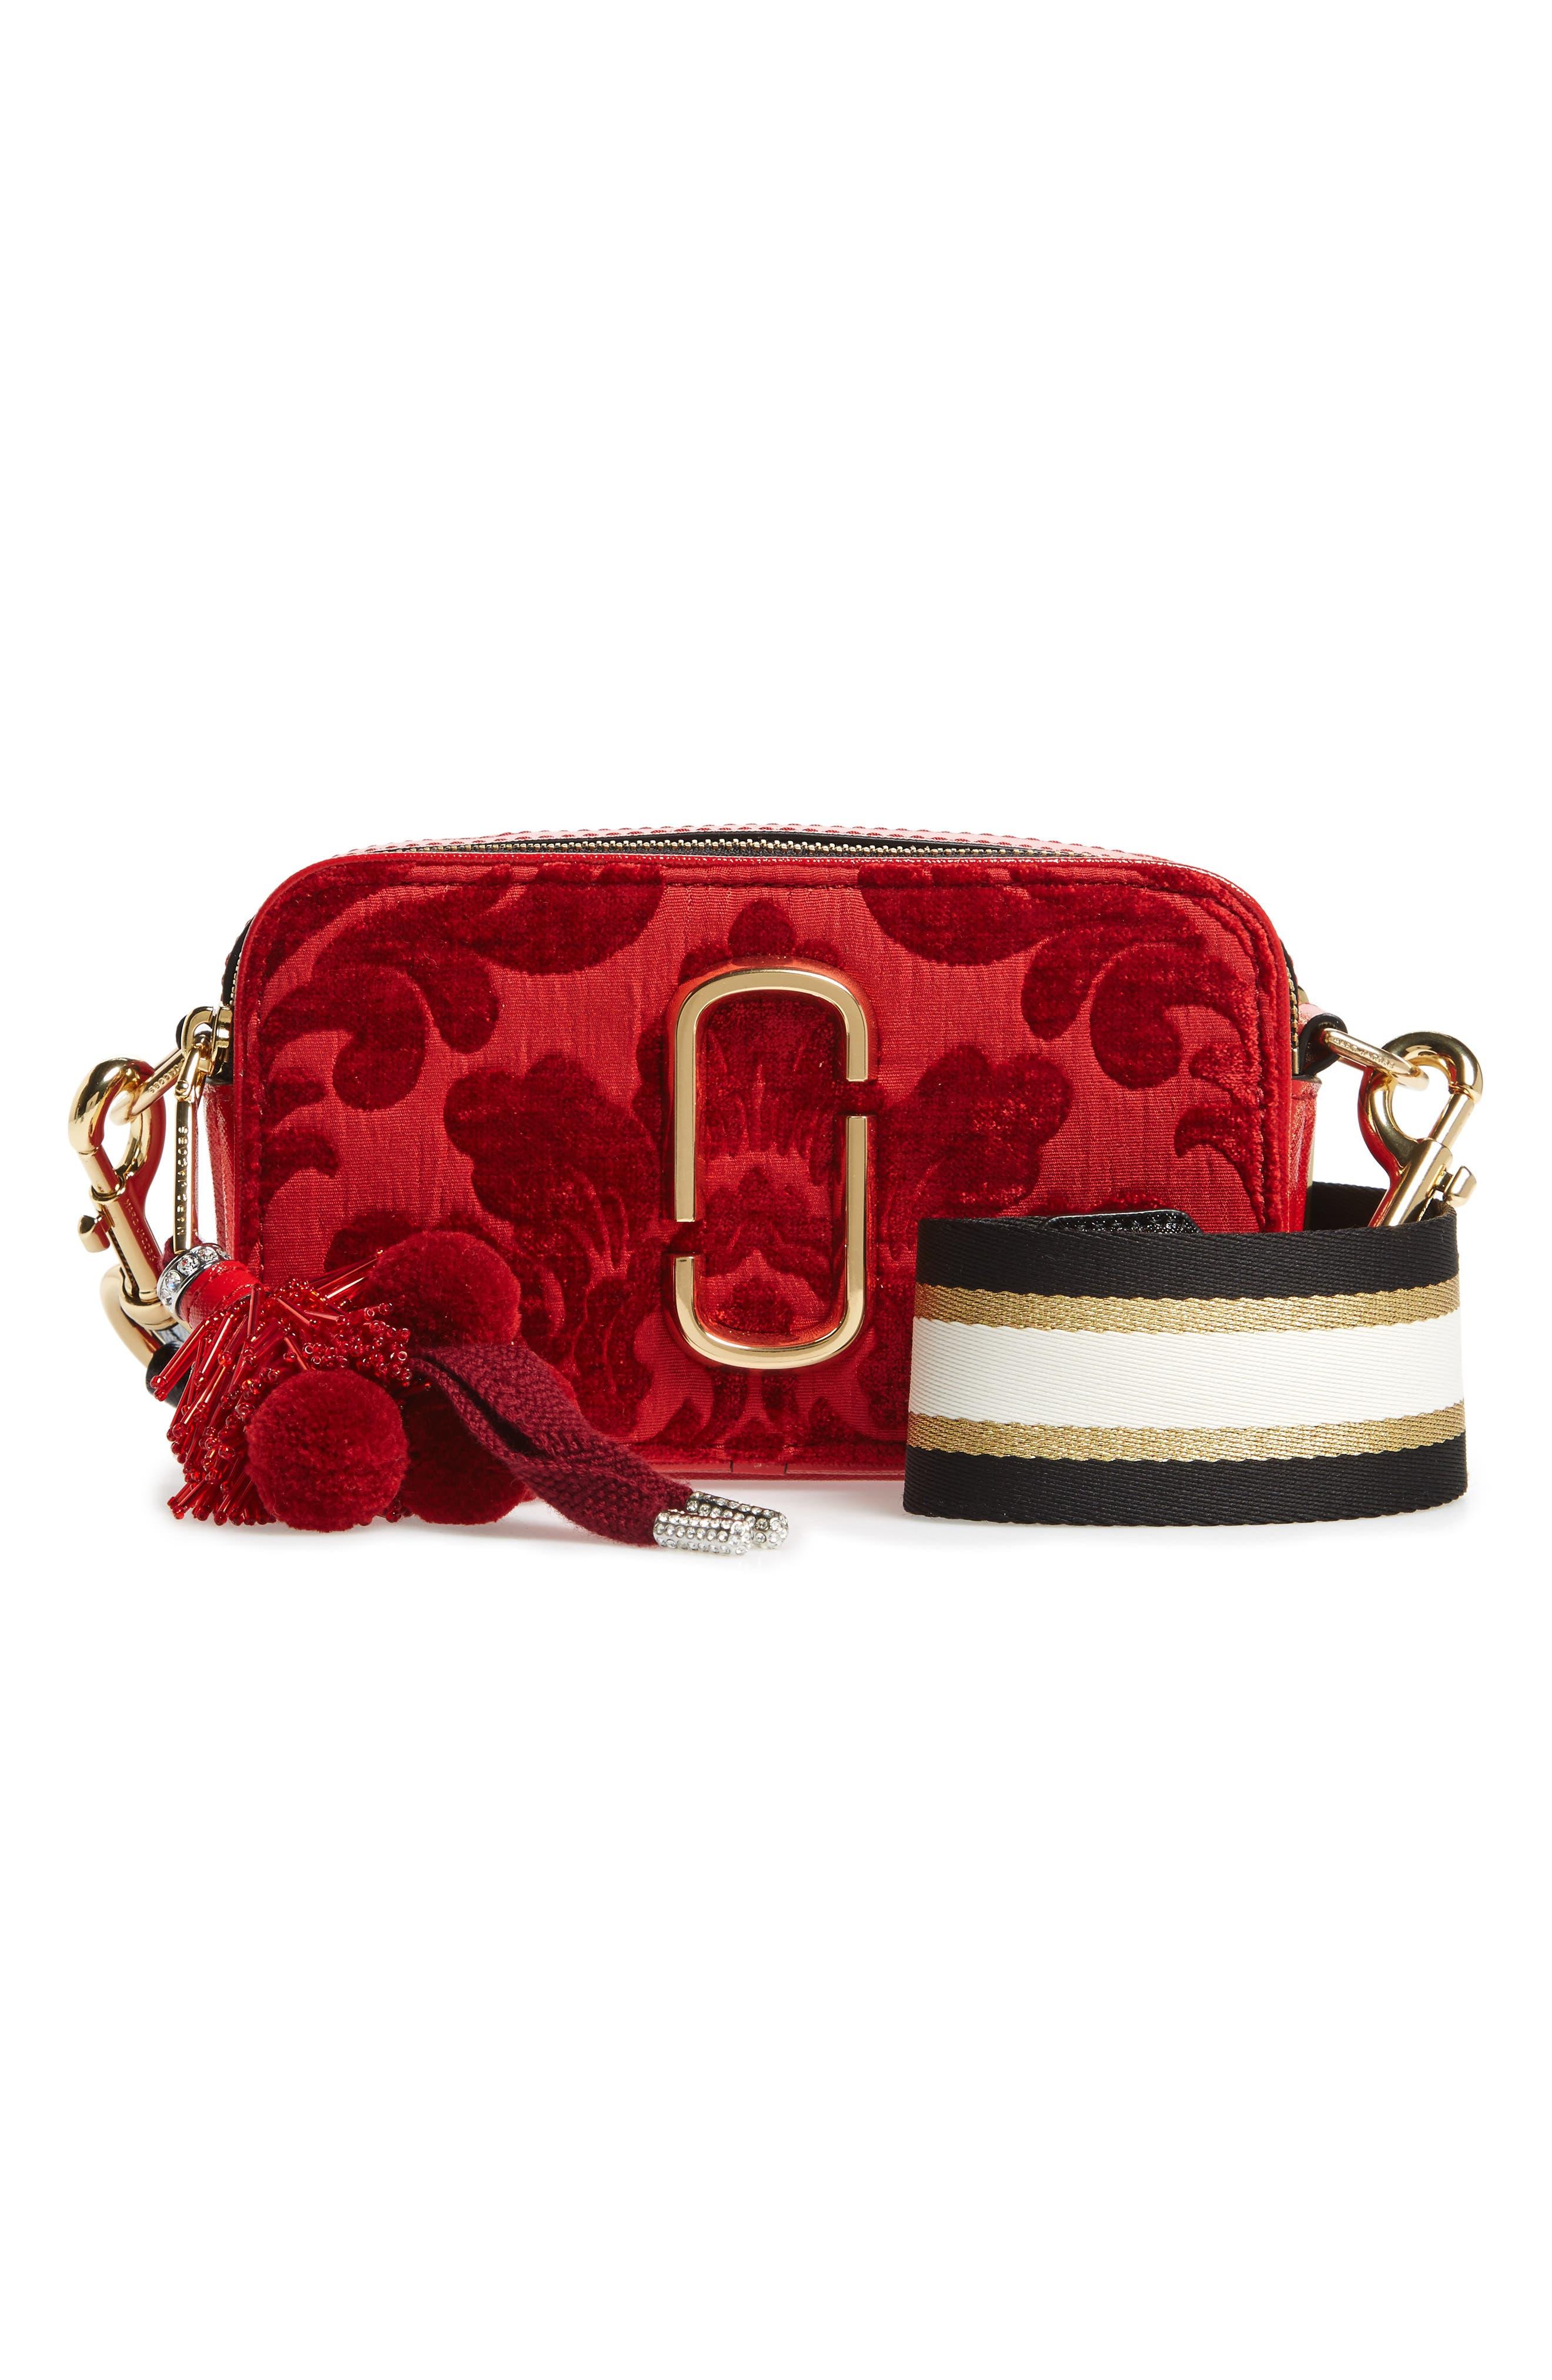 Snapshot Jacquard Crossbody Bag,                             Main thumbnail 1, color,                             RED